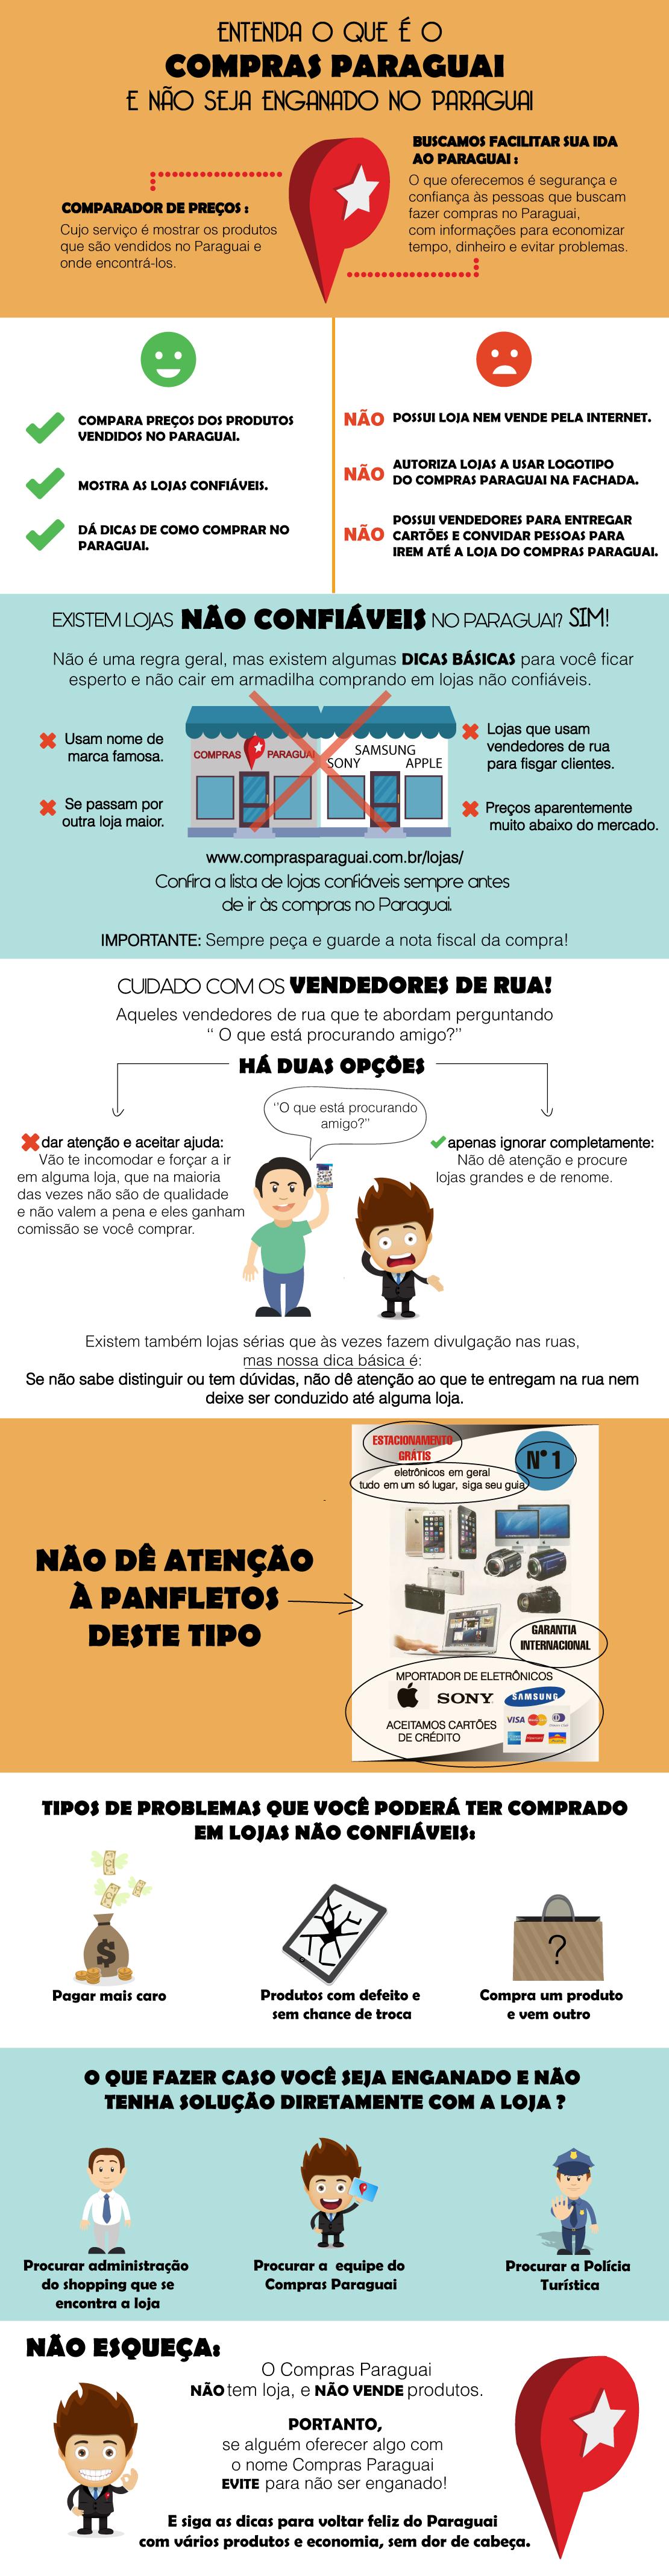 infogru00e1fico-compras-png-final